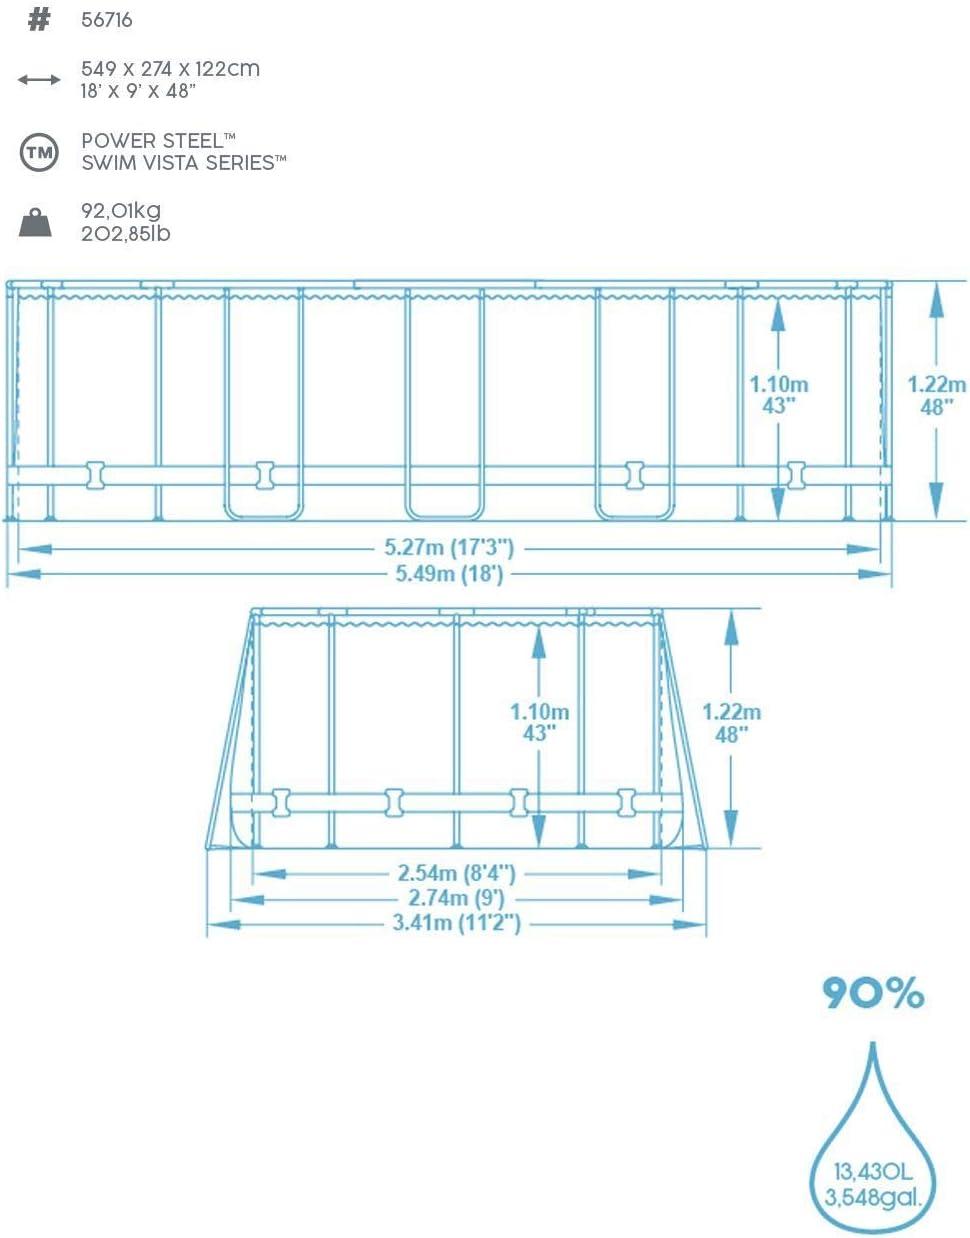 Bestway 56716 Power Steel Deluxe Series-Juego de Piscina Ovalada ...